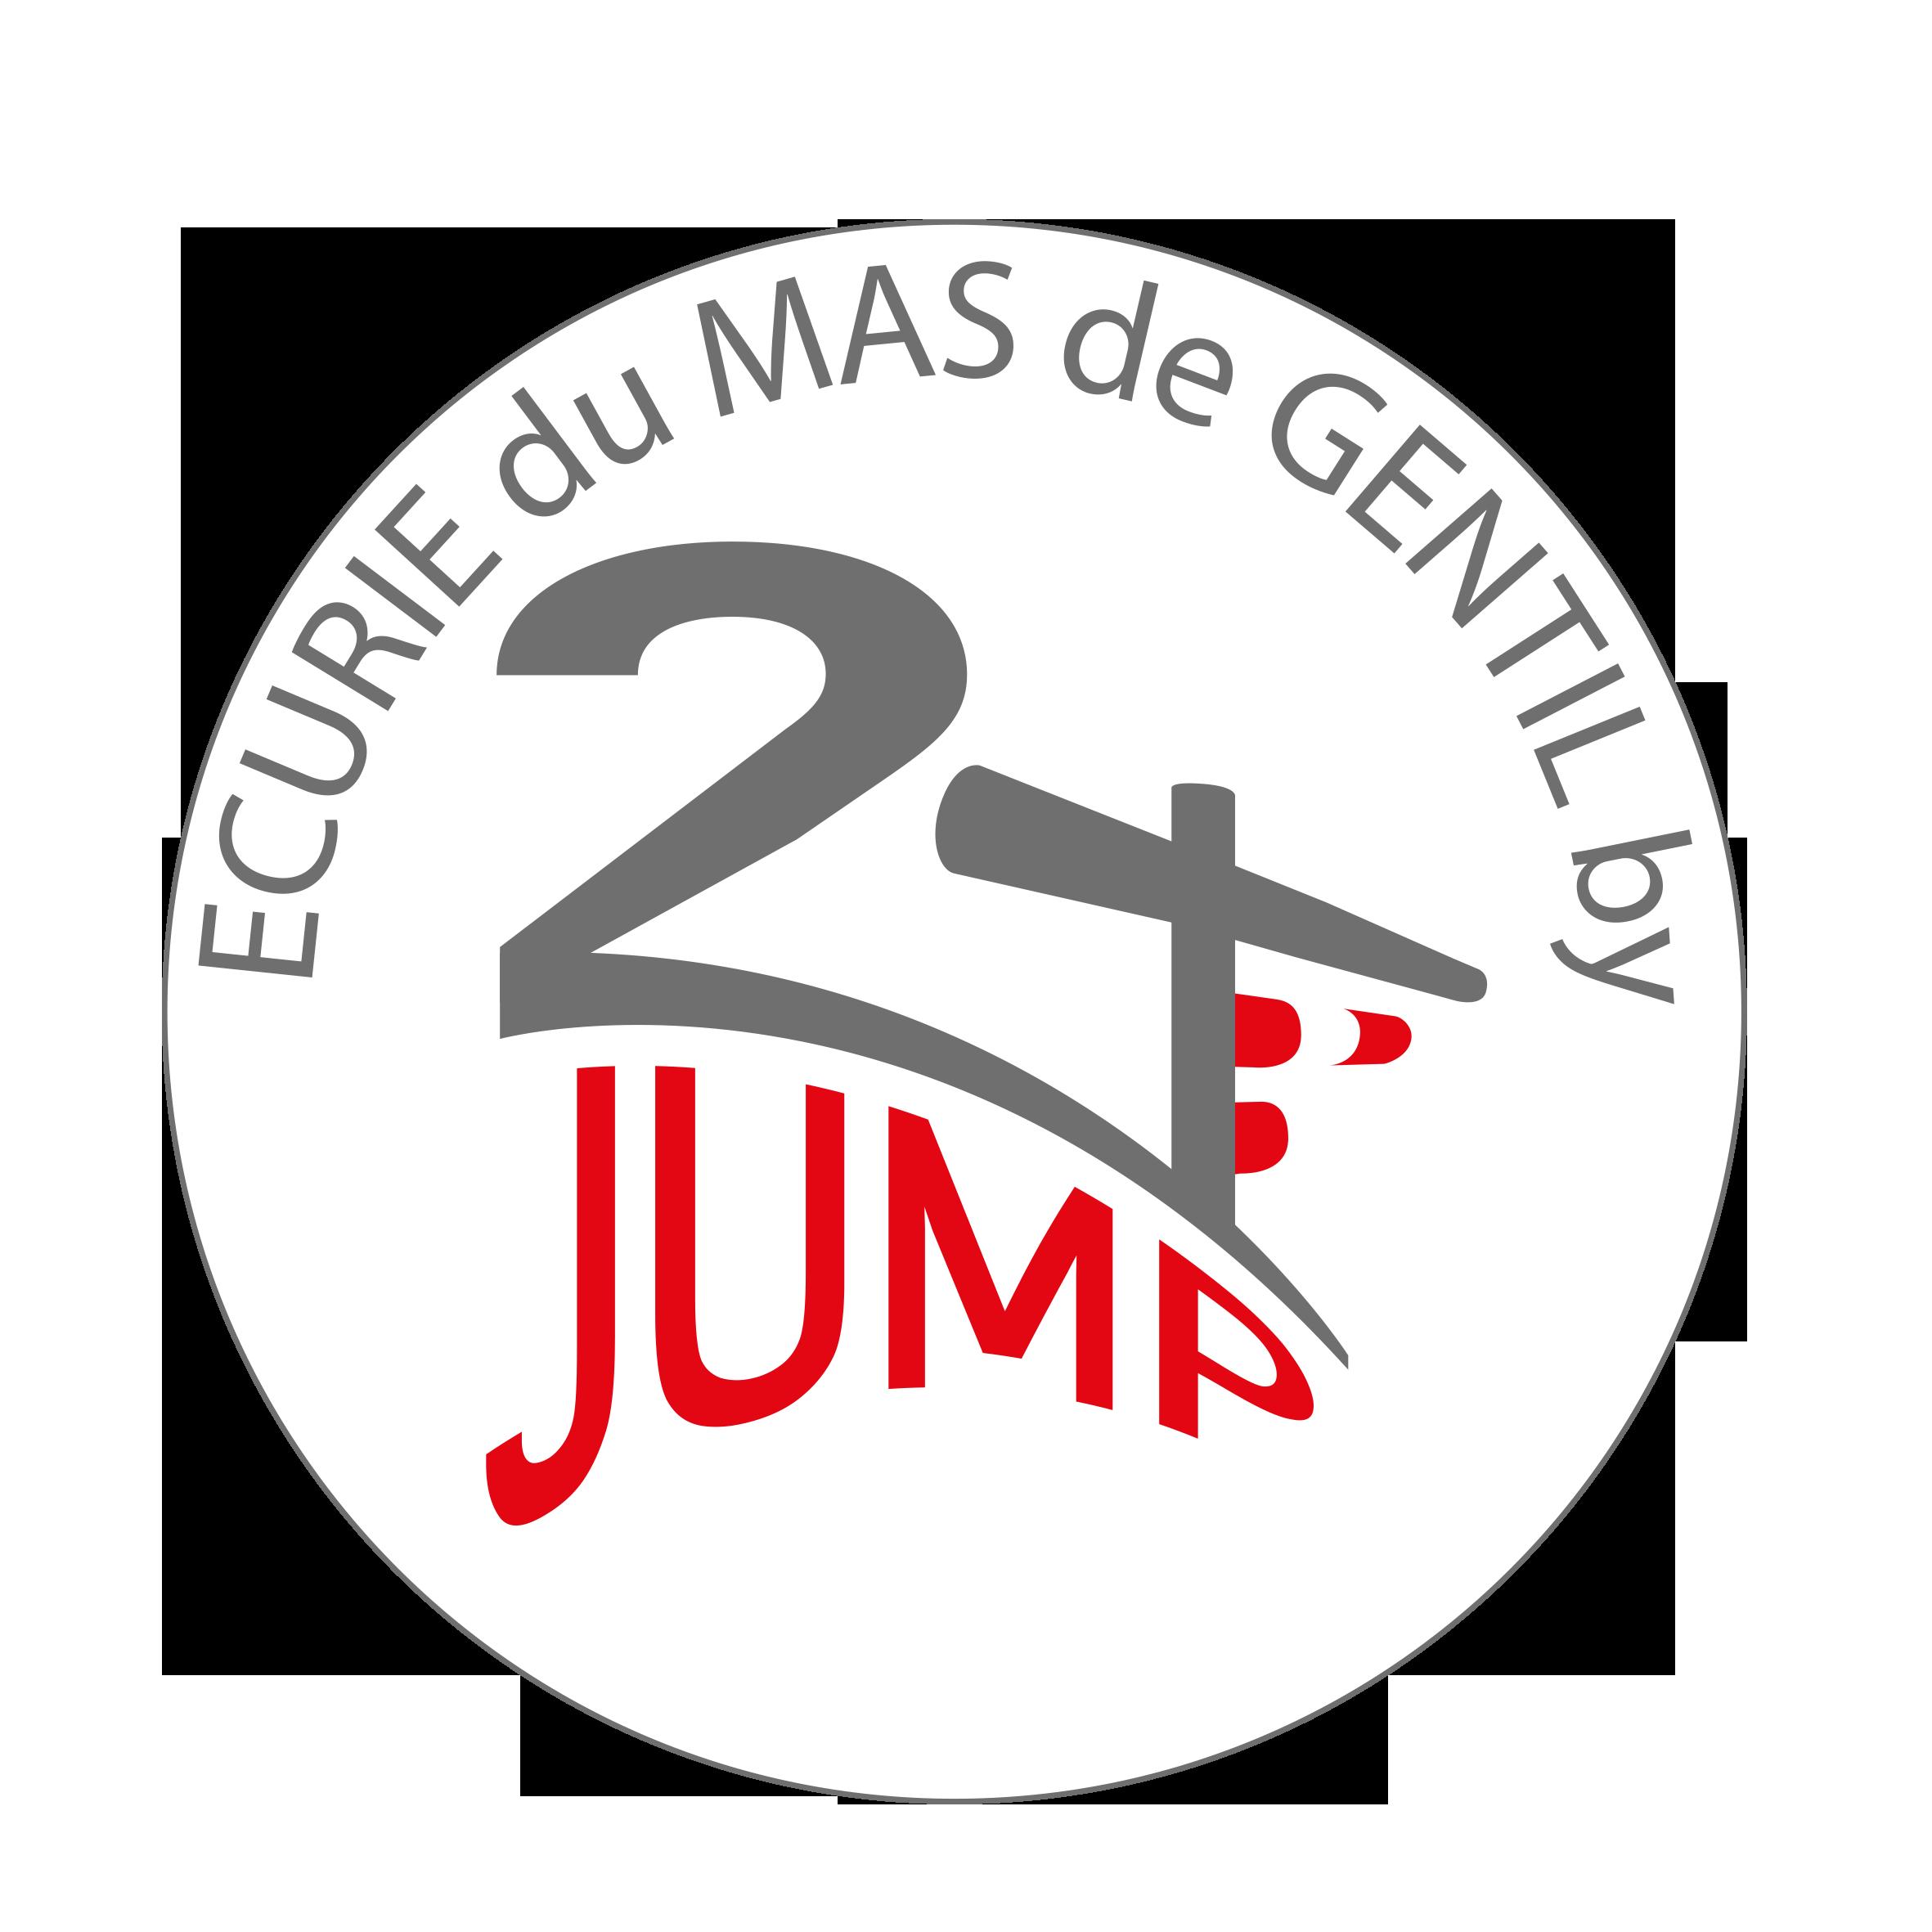 2T jump